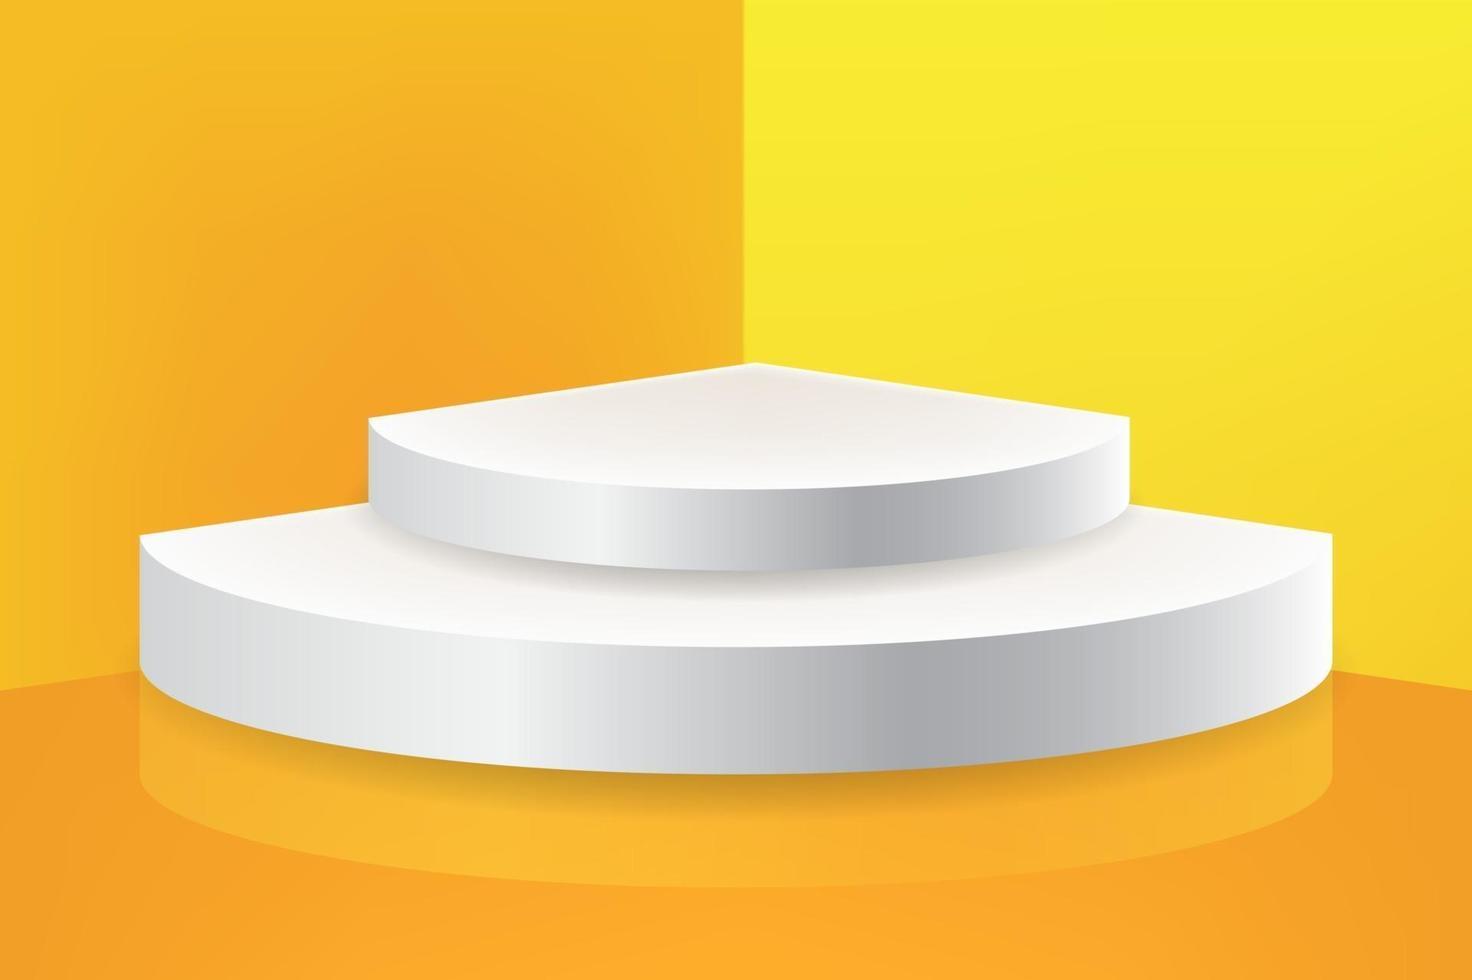 podio per l'esposizione del prodotto nell'angolo del muro giallo vettore